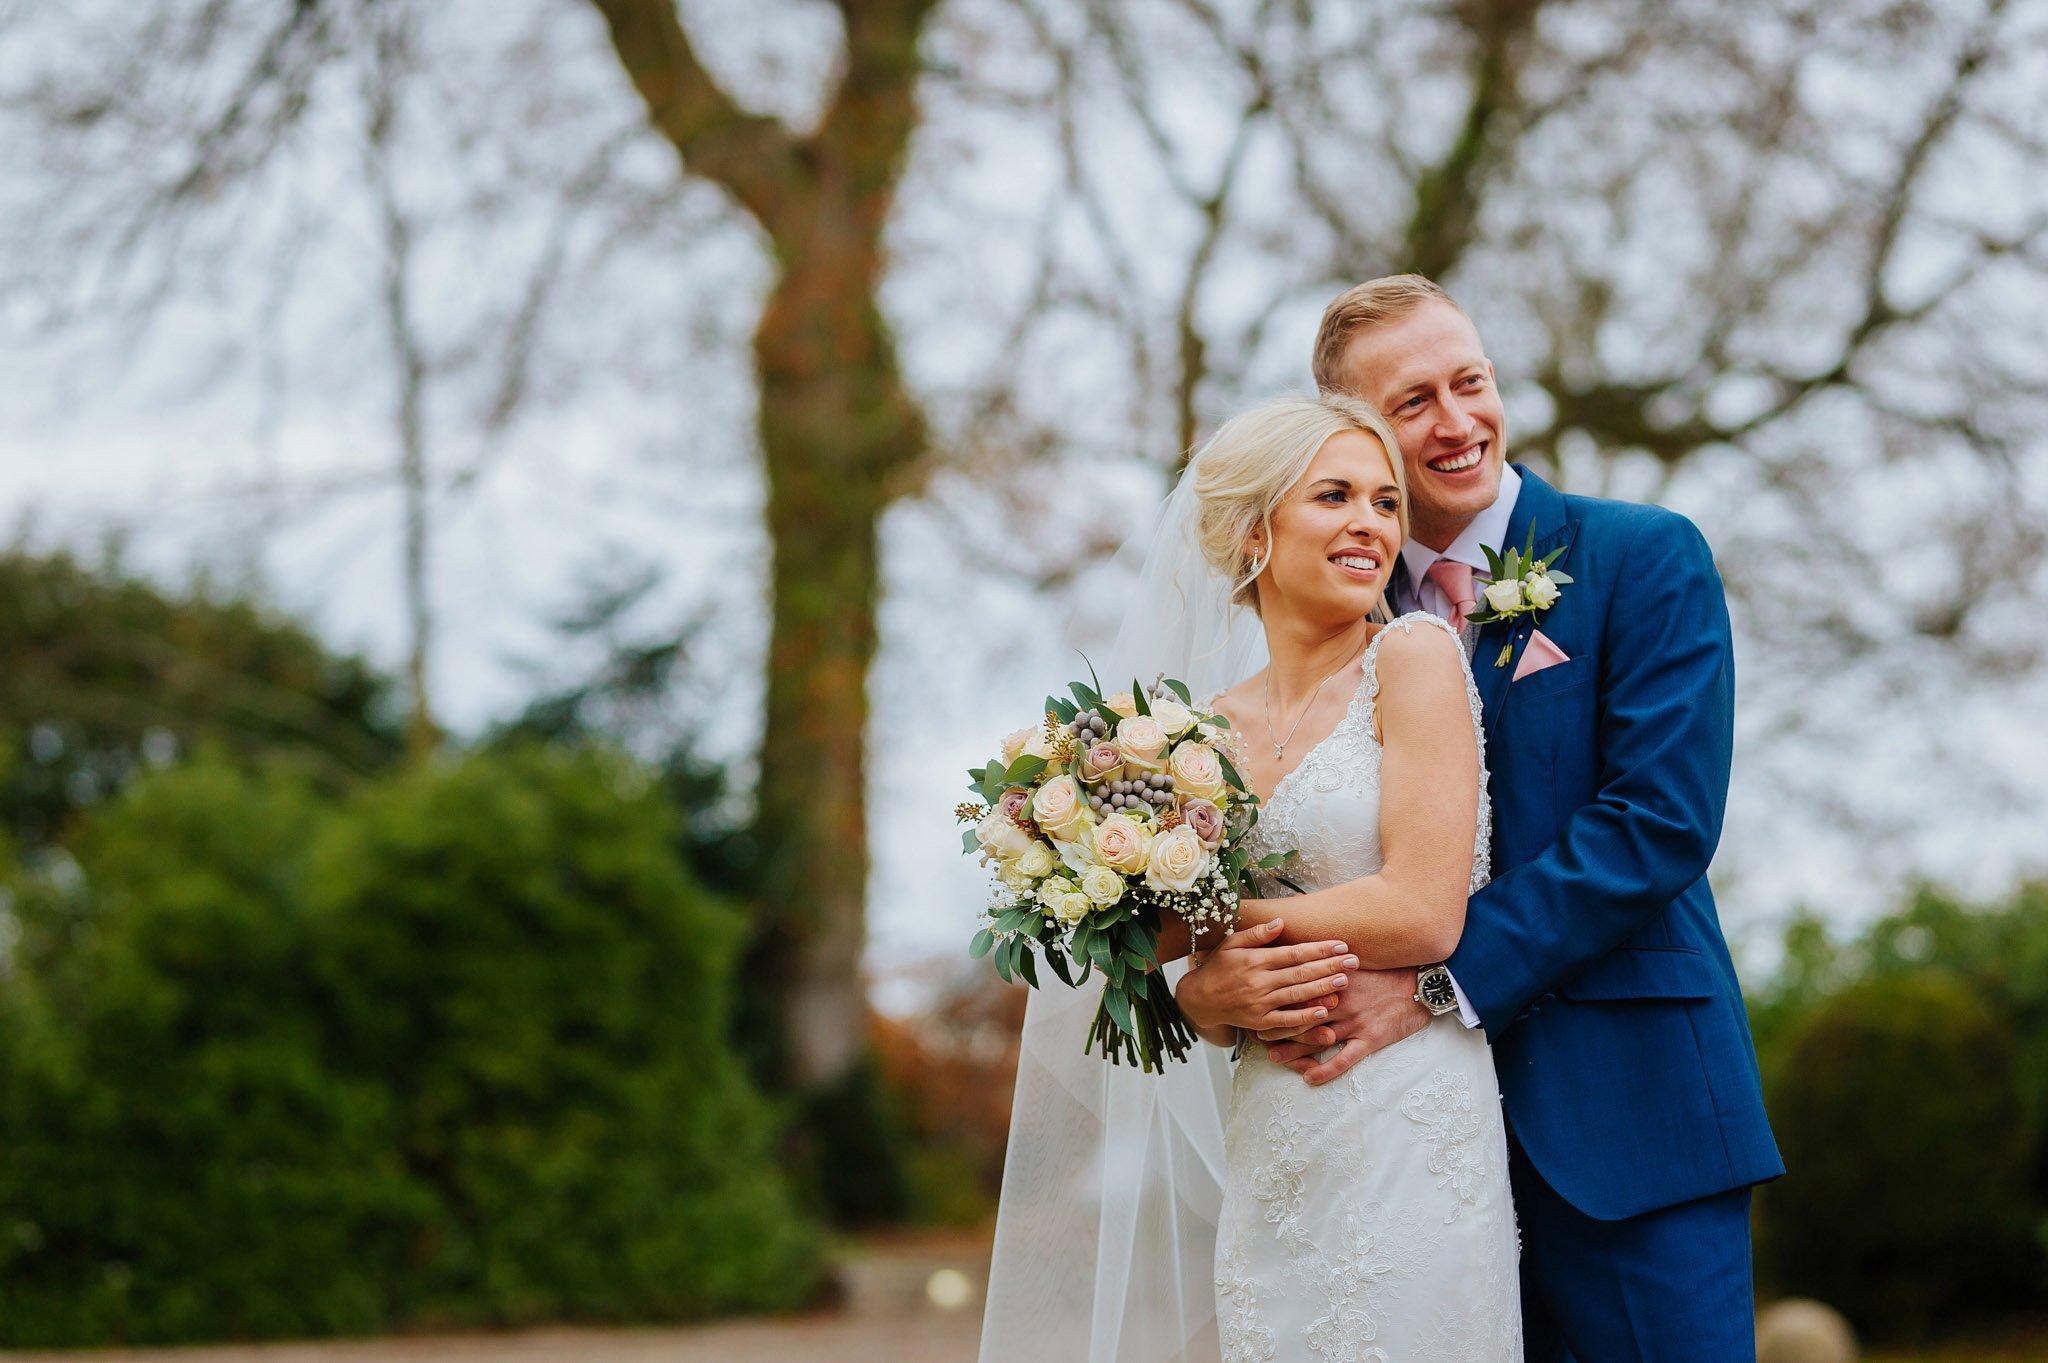 Lemore Manor wedding, Herefordshire - West Midlands | Sadie + Ken 87